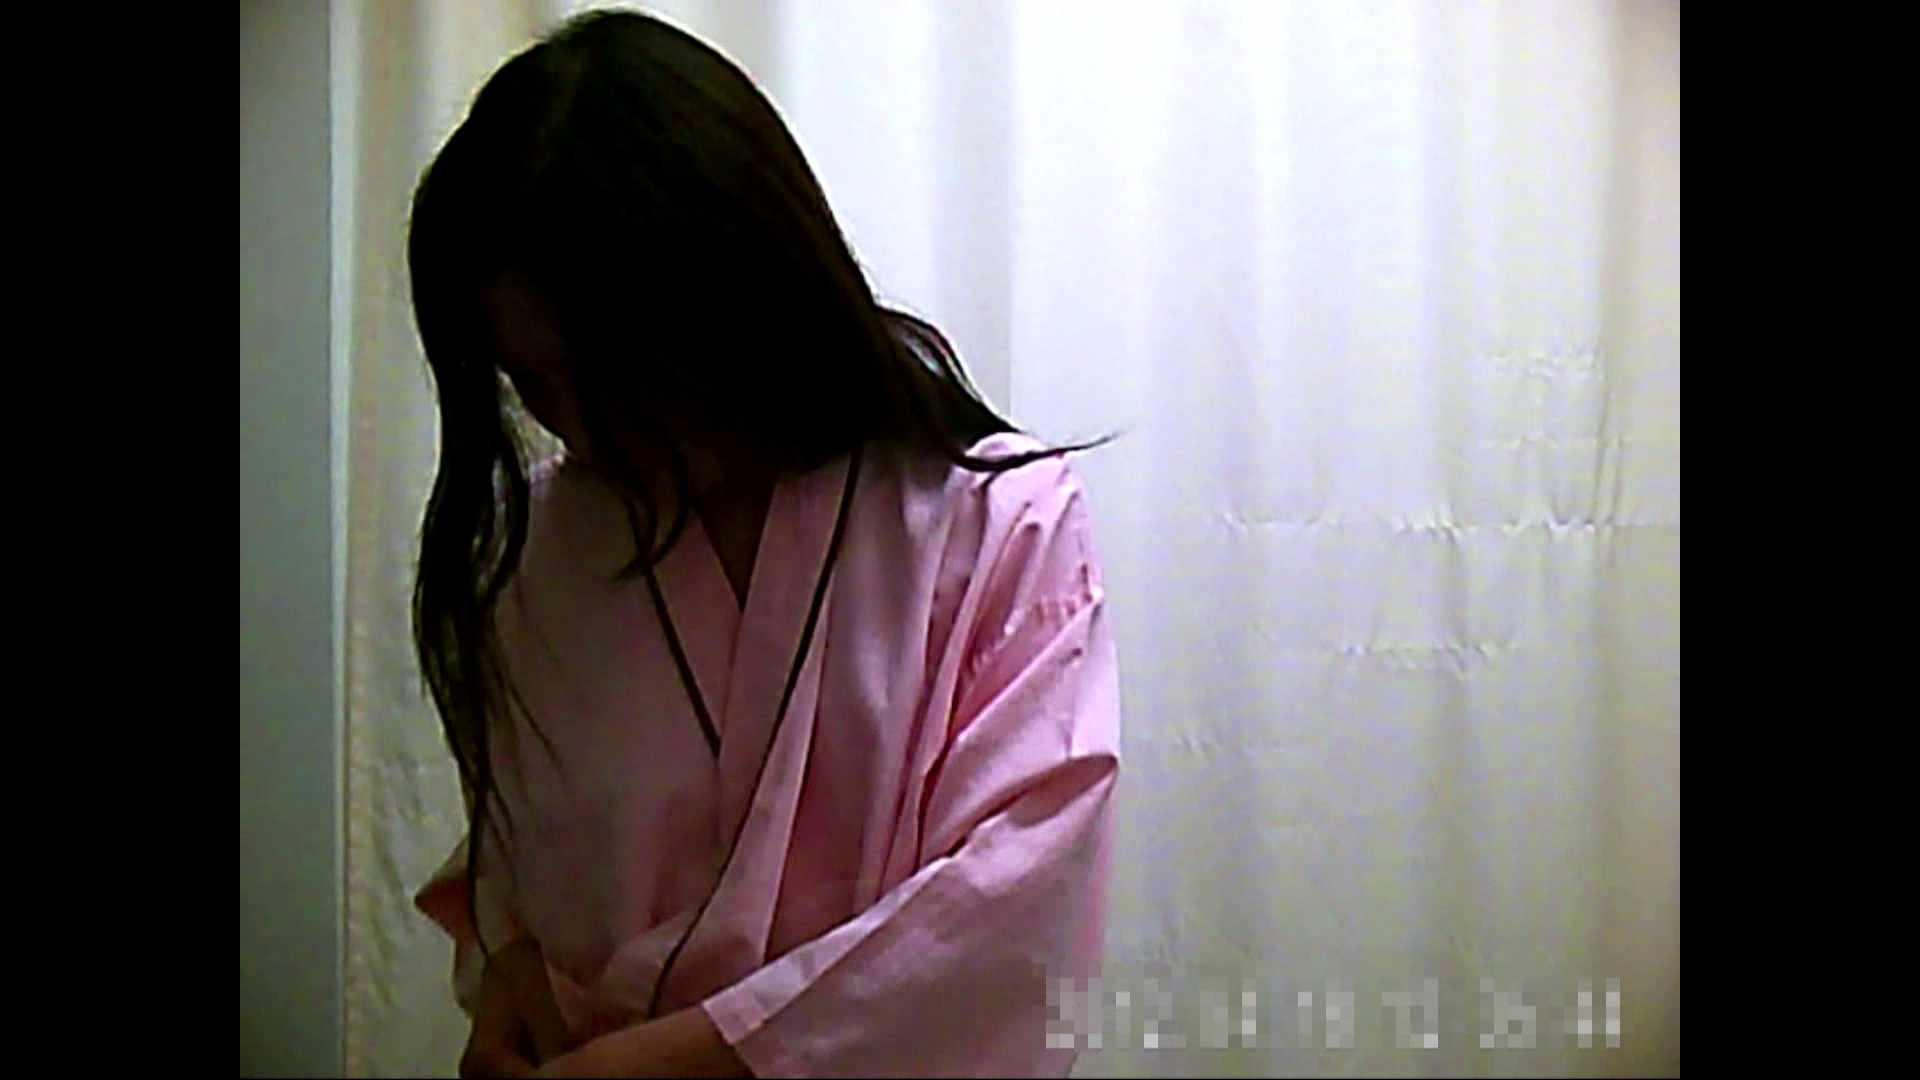 元医者による反抗 更衣室地獄絵巻 vol.015 エッチなお姉さん オマンコ無修正動画無料 105画像 14